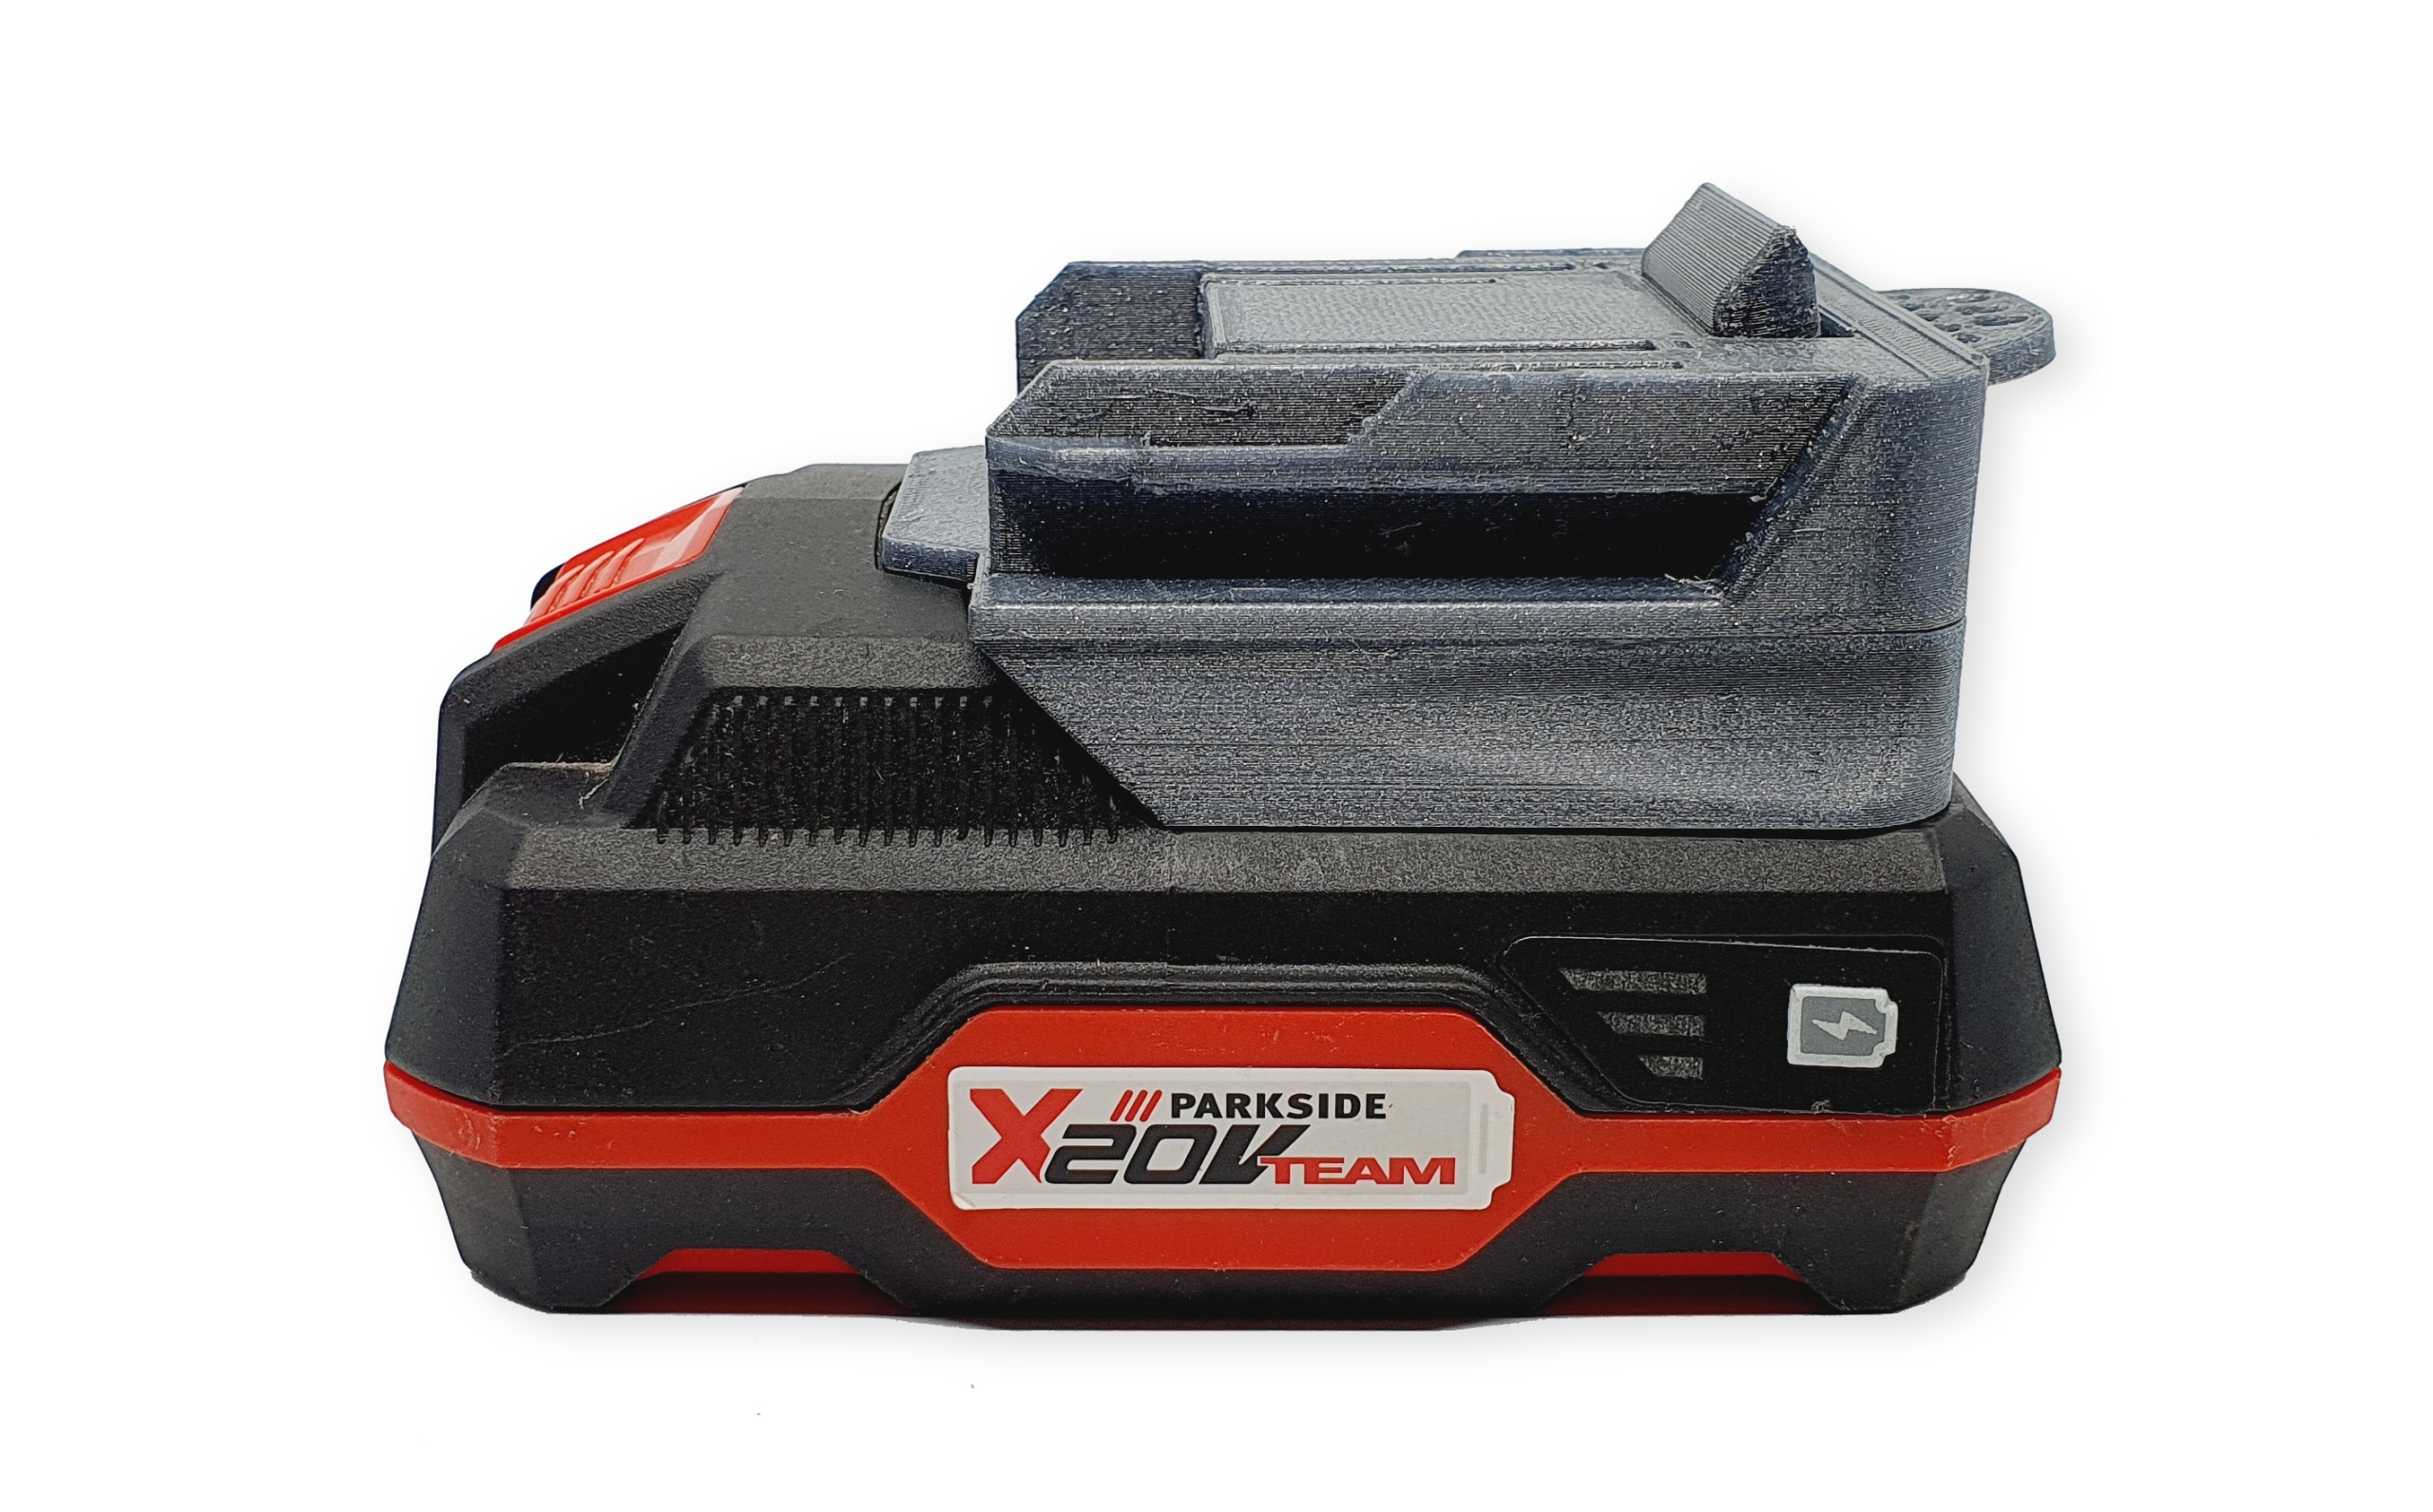 Batériový adaptér Parkside x20V pre zariadenia Makita